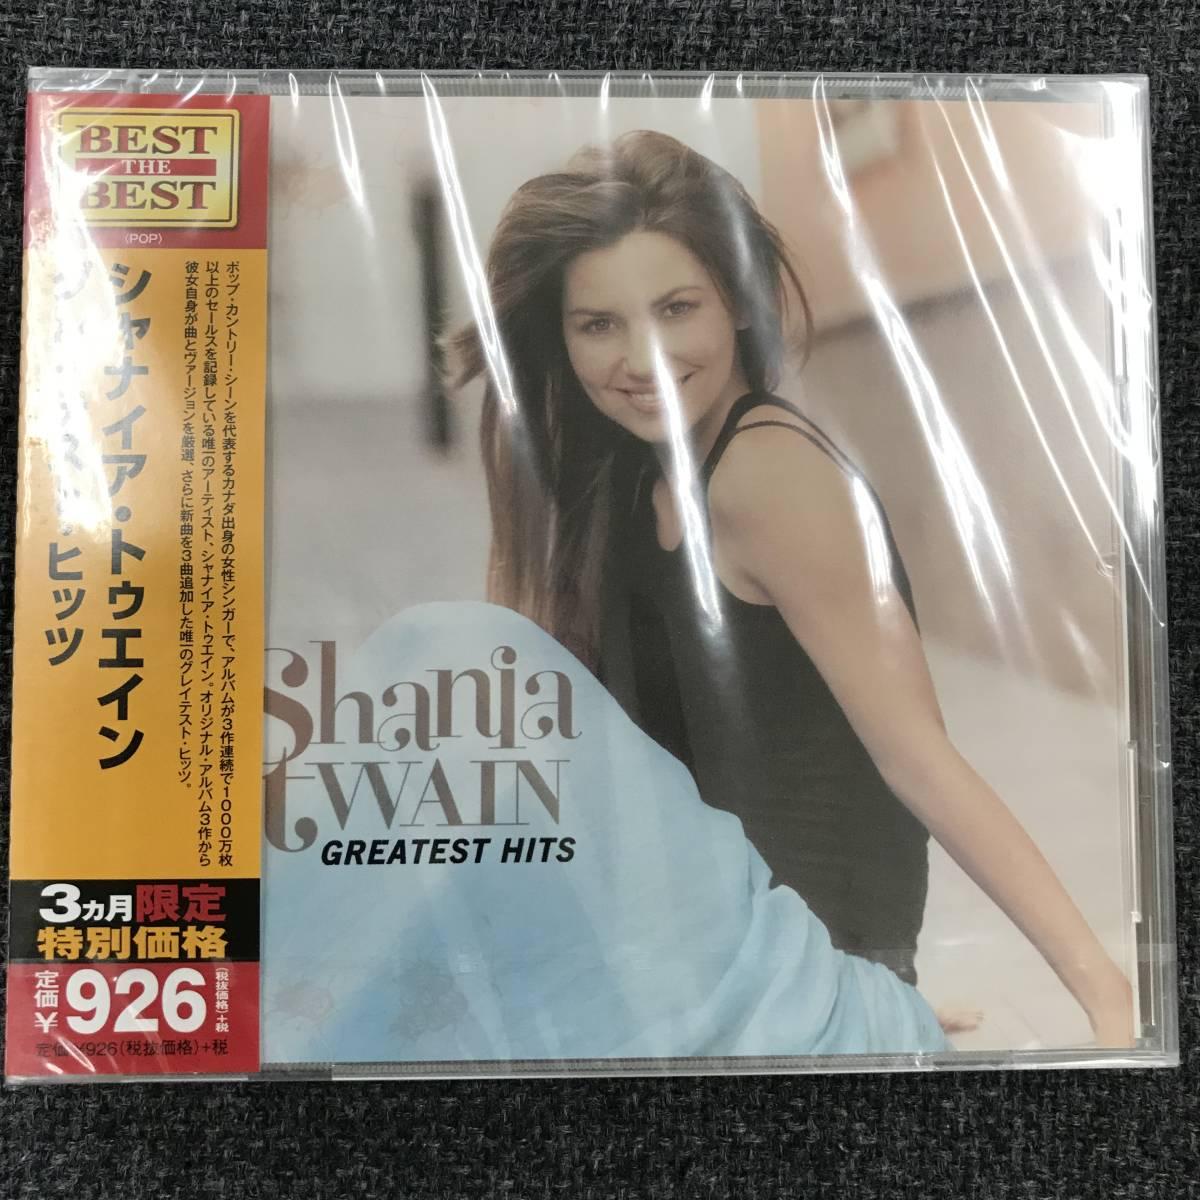 新品未開封CD☆シャナイア・トゥエイン グレイテスト・ヒッツ /UICY76252